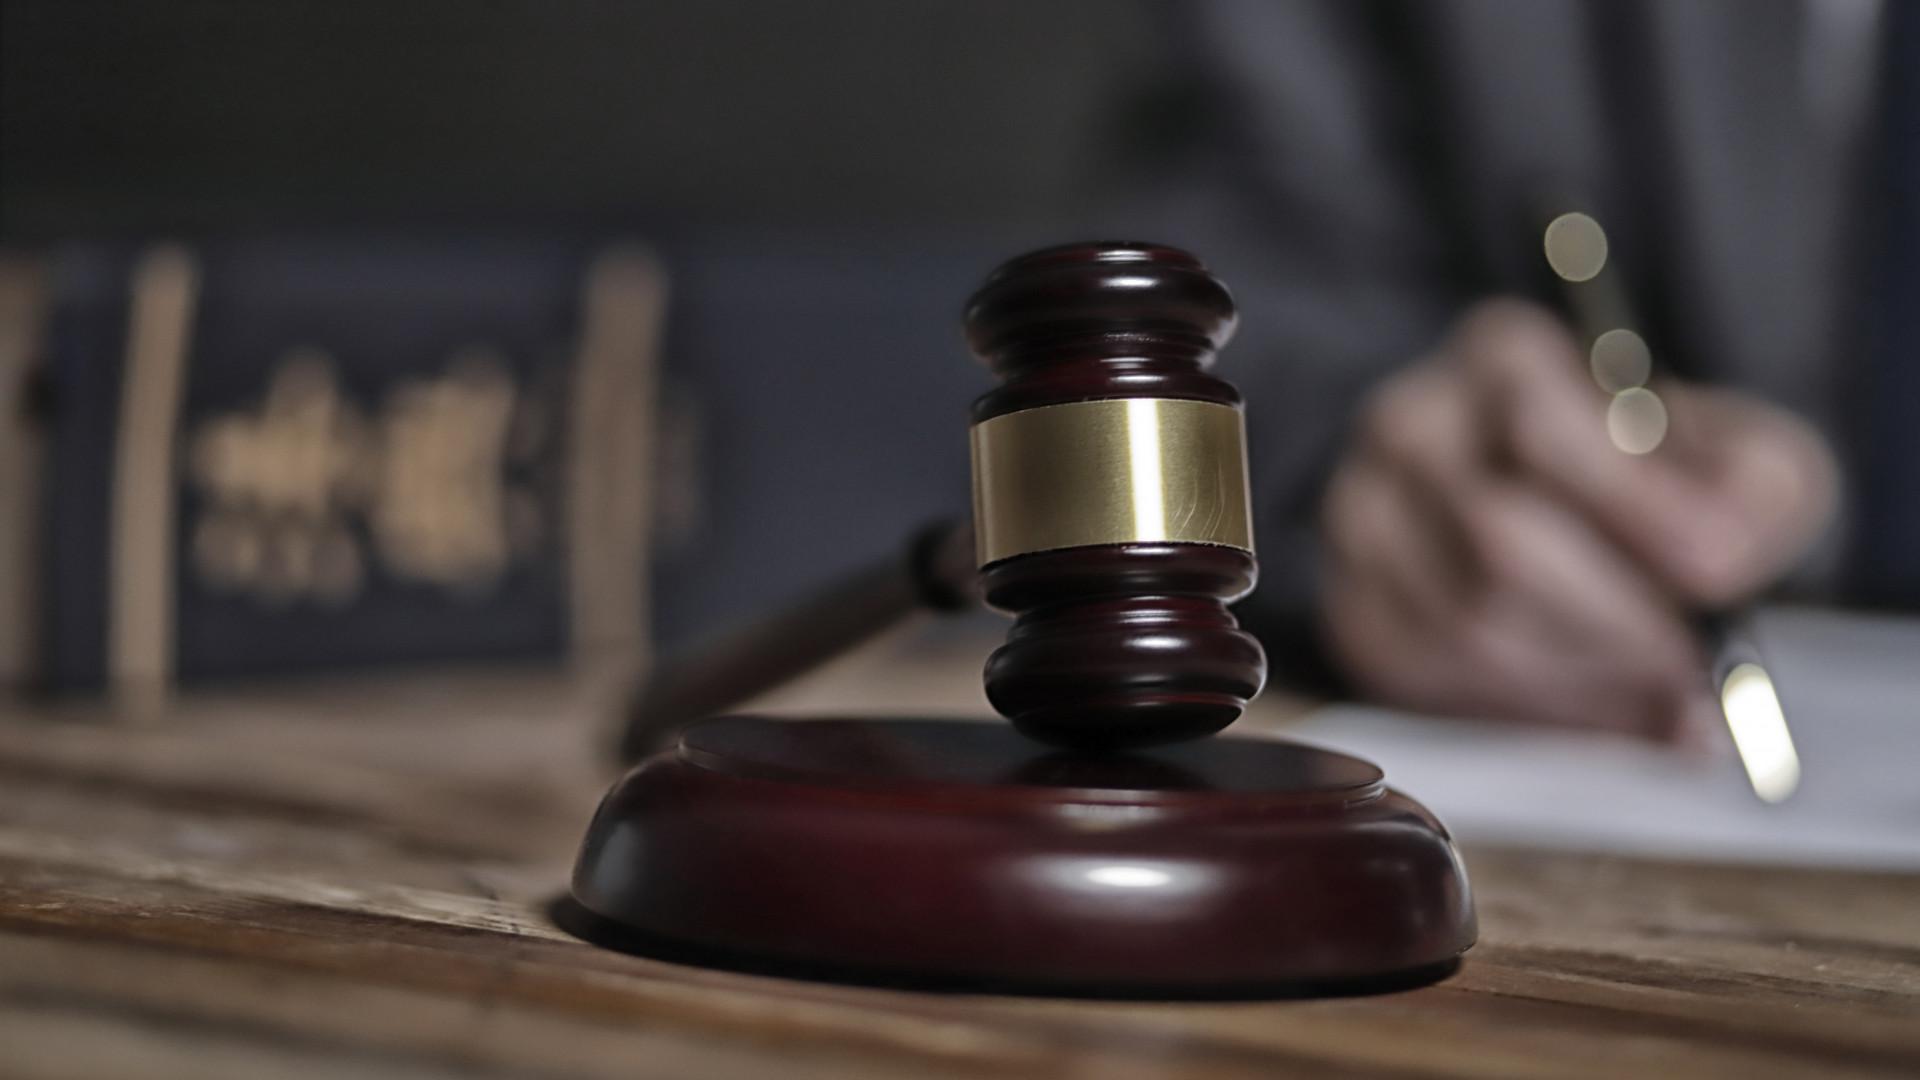 Koronavírus: hétfőtől nincs személyes tárgyalás, nyilvános ülés a bíróságokon